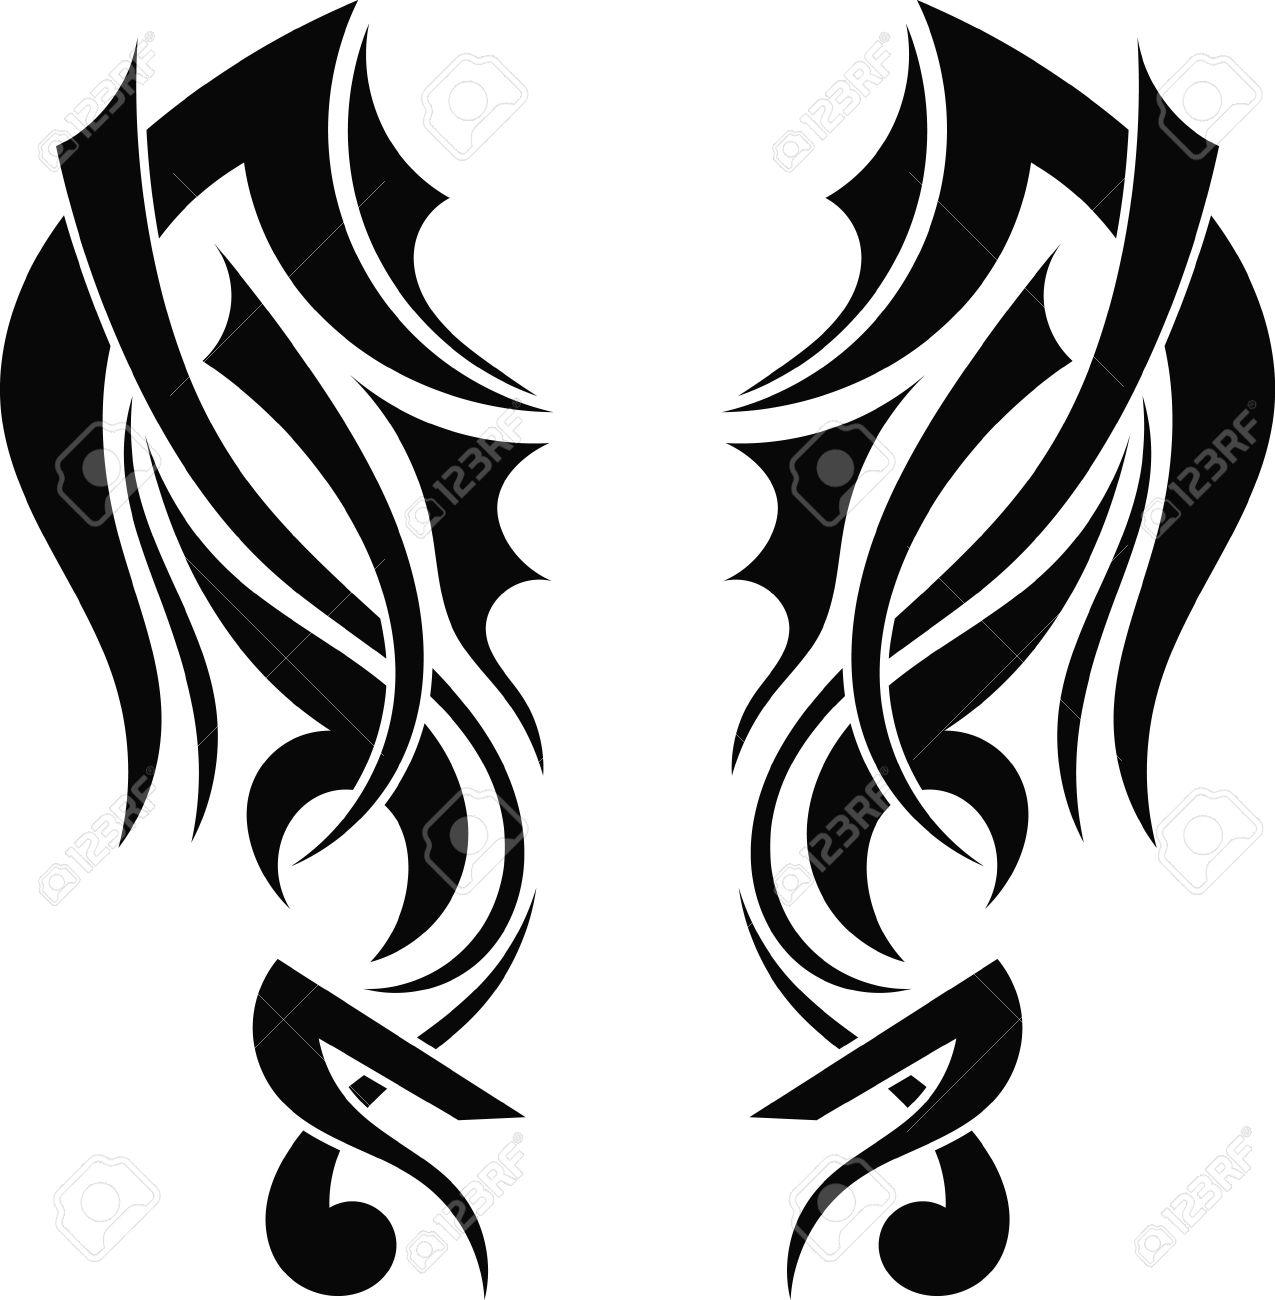 Dragon Graphic Design Graphic Design Tribal Tattoo